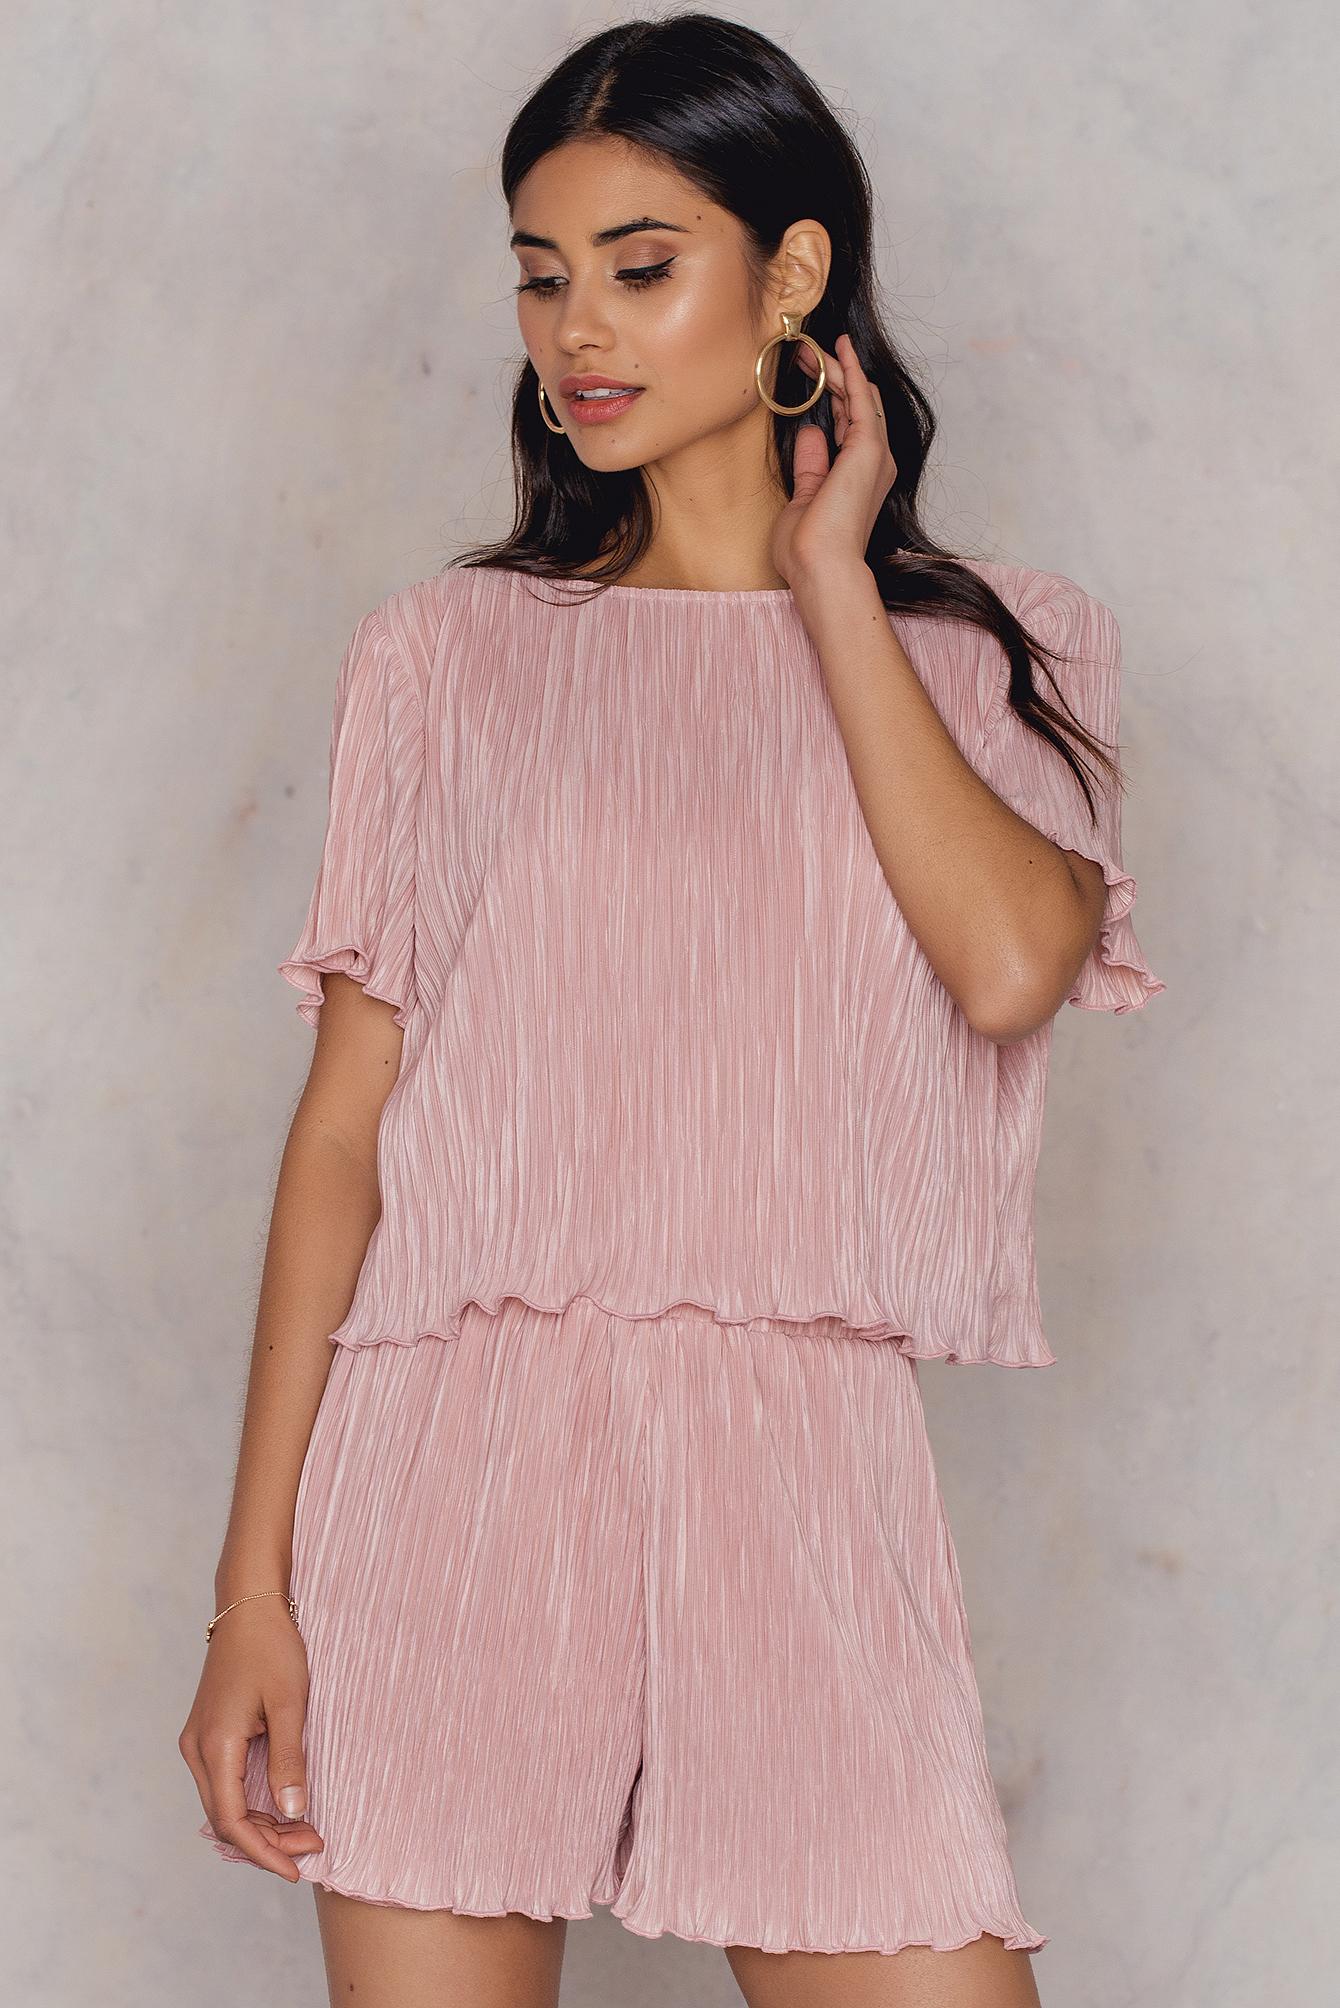 Hannalicious x NA-KD Pleated Top & Shorts Set - Pink